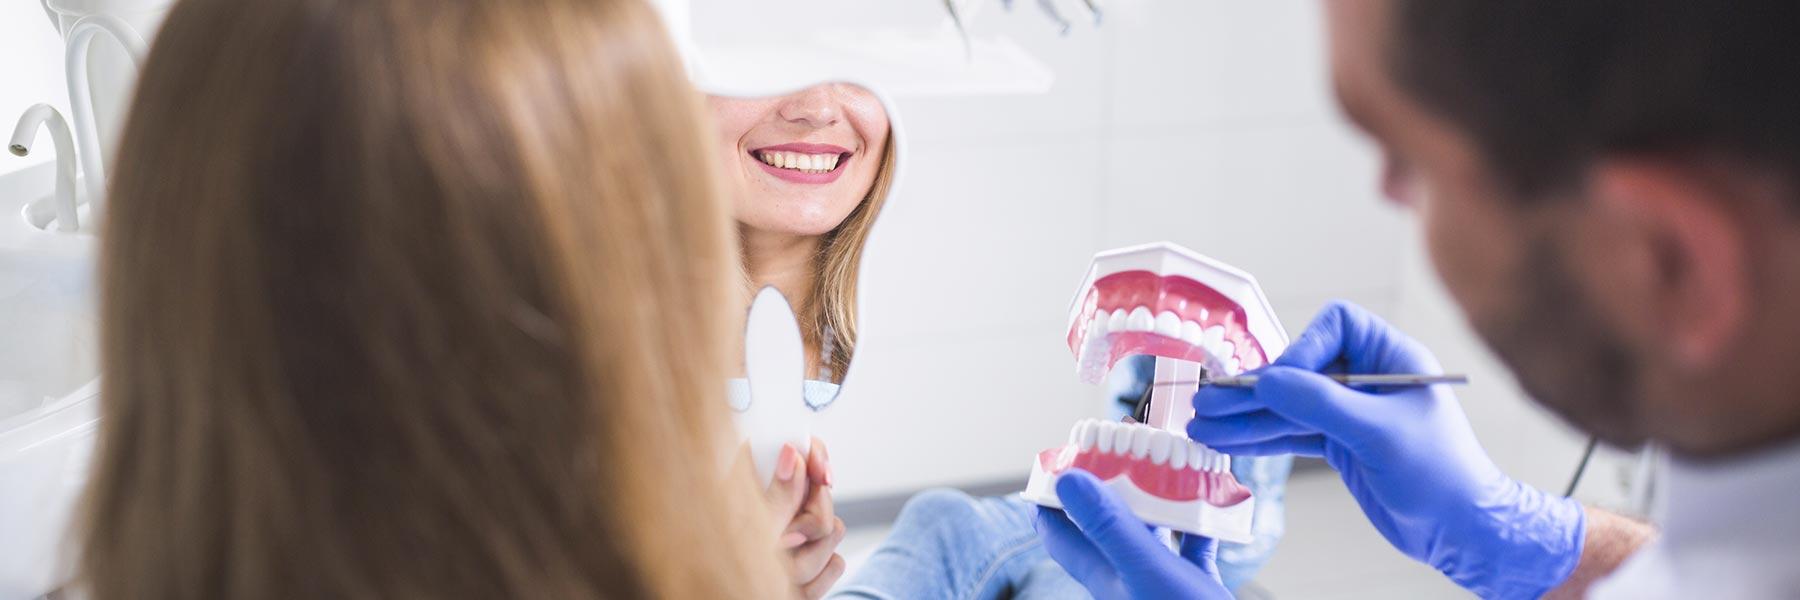 ortognato_dentista_reggiolo